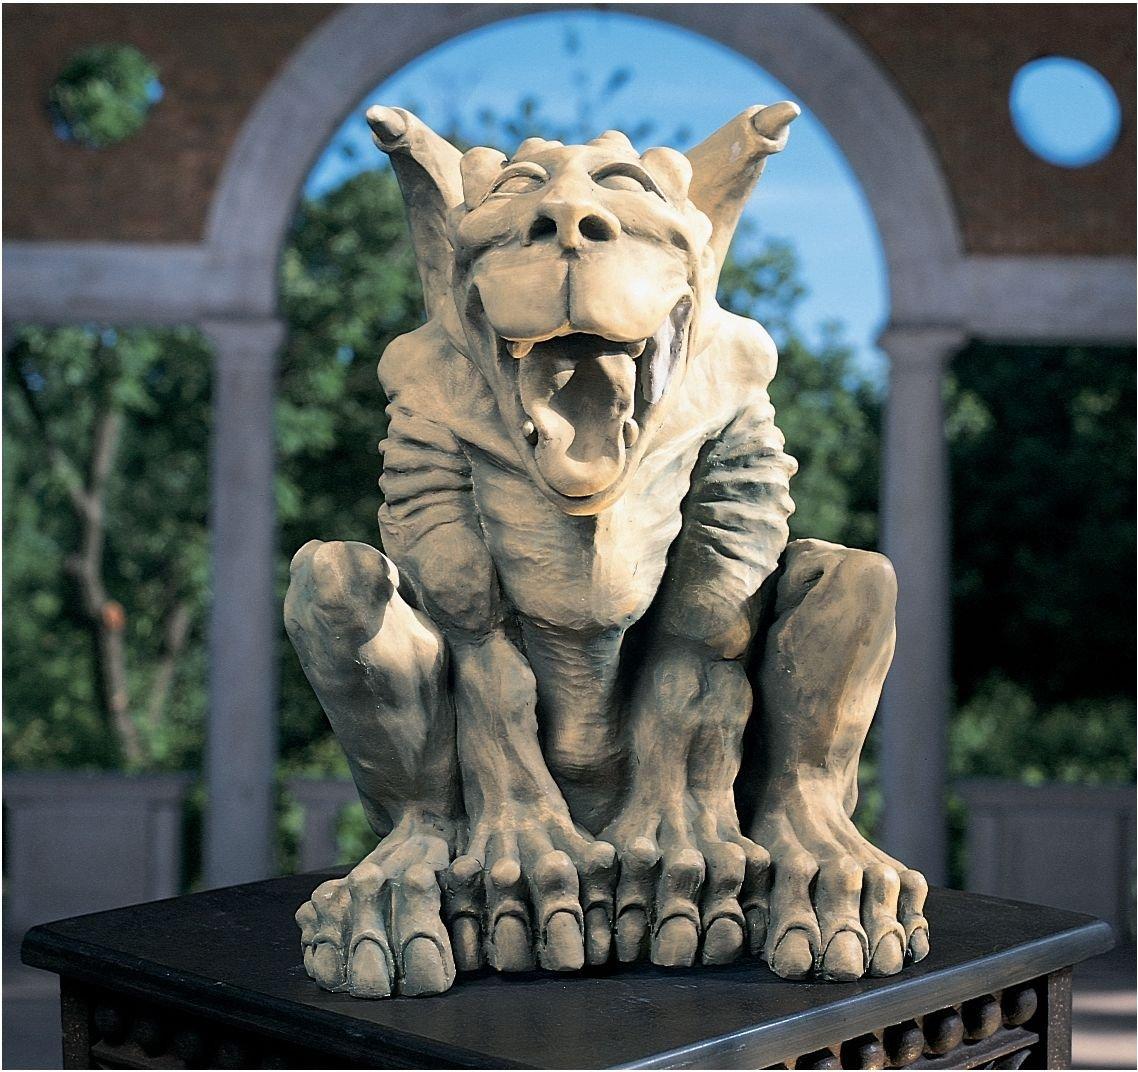 Leo the Laughing Gargoyle Statue Large